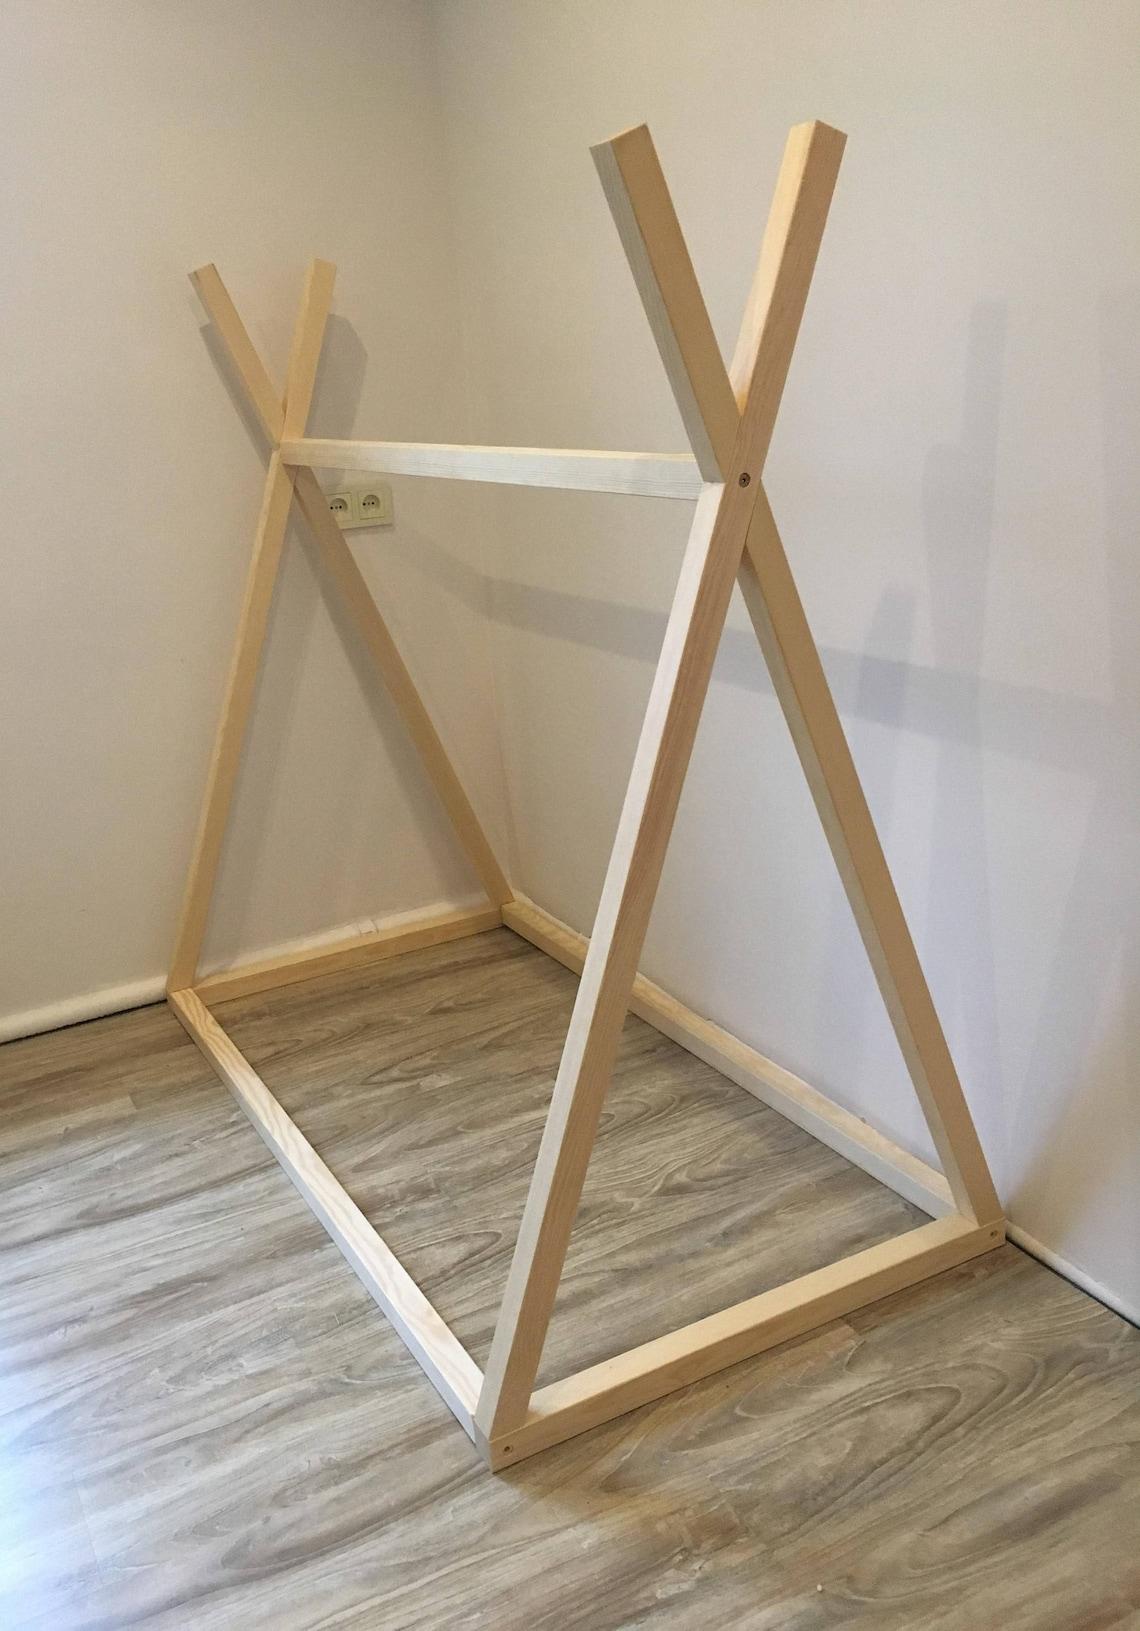 NEW! Bed teepee  70 x 140 cm , children bed, Toddler bed, kid bed, wood bed, Montessori floor bed, nursery crib, kids bedroom, floor bed